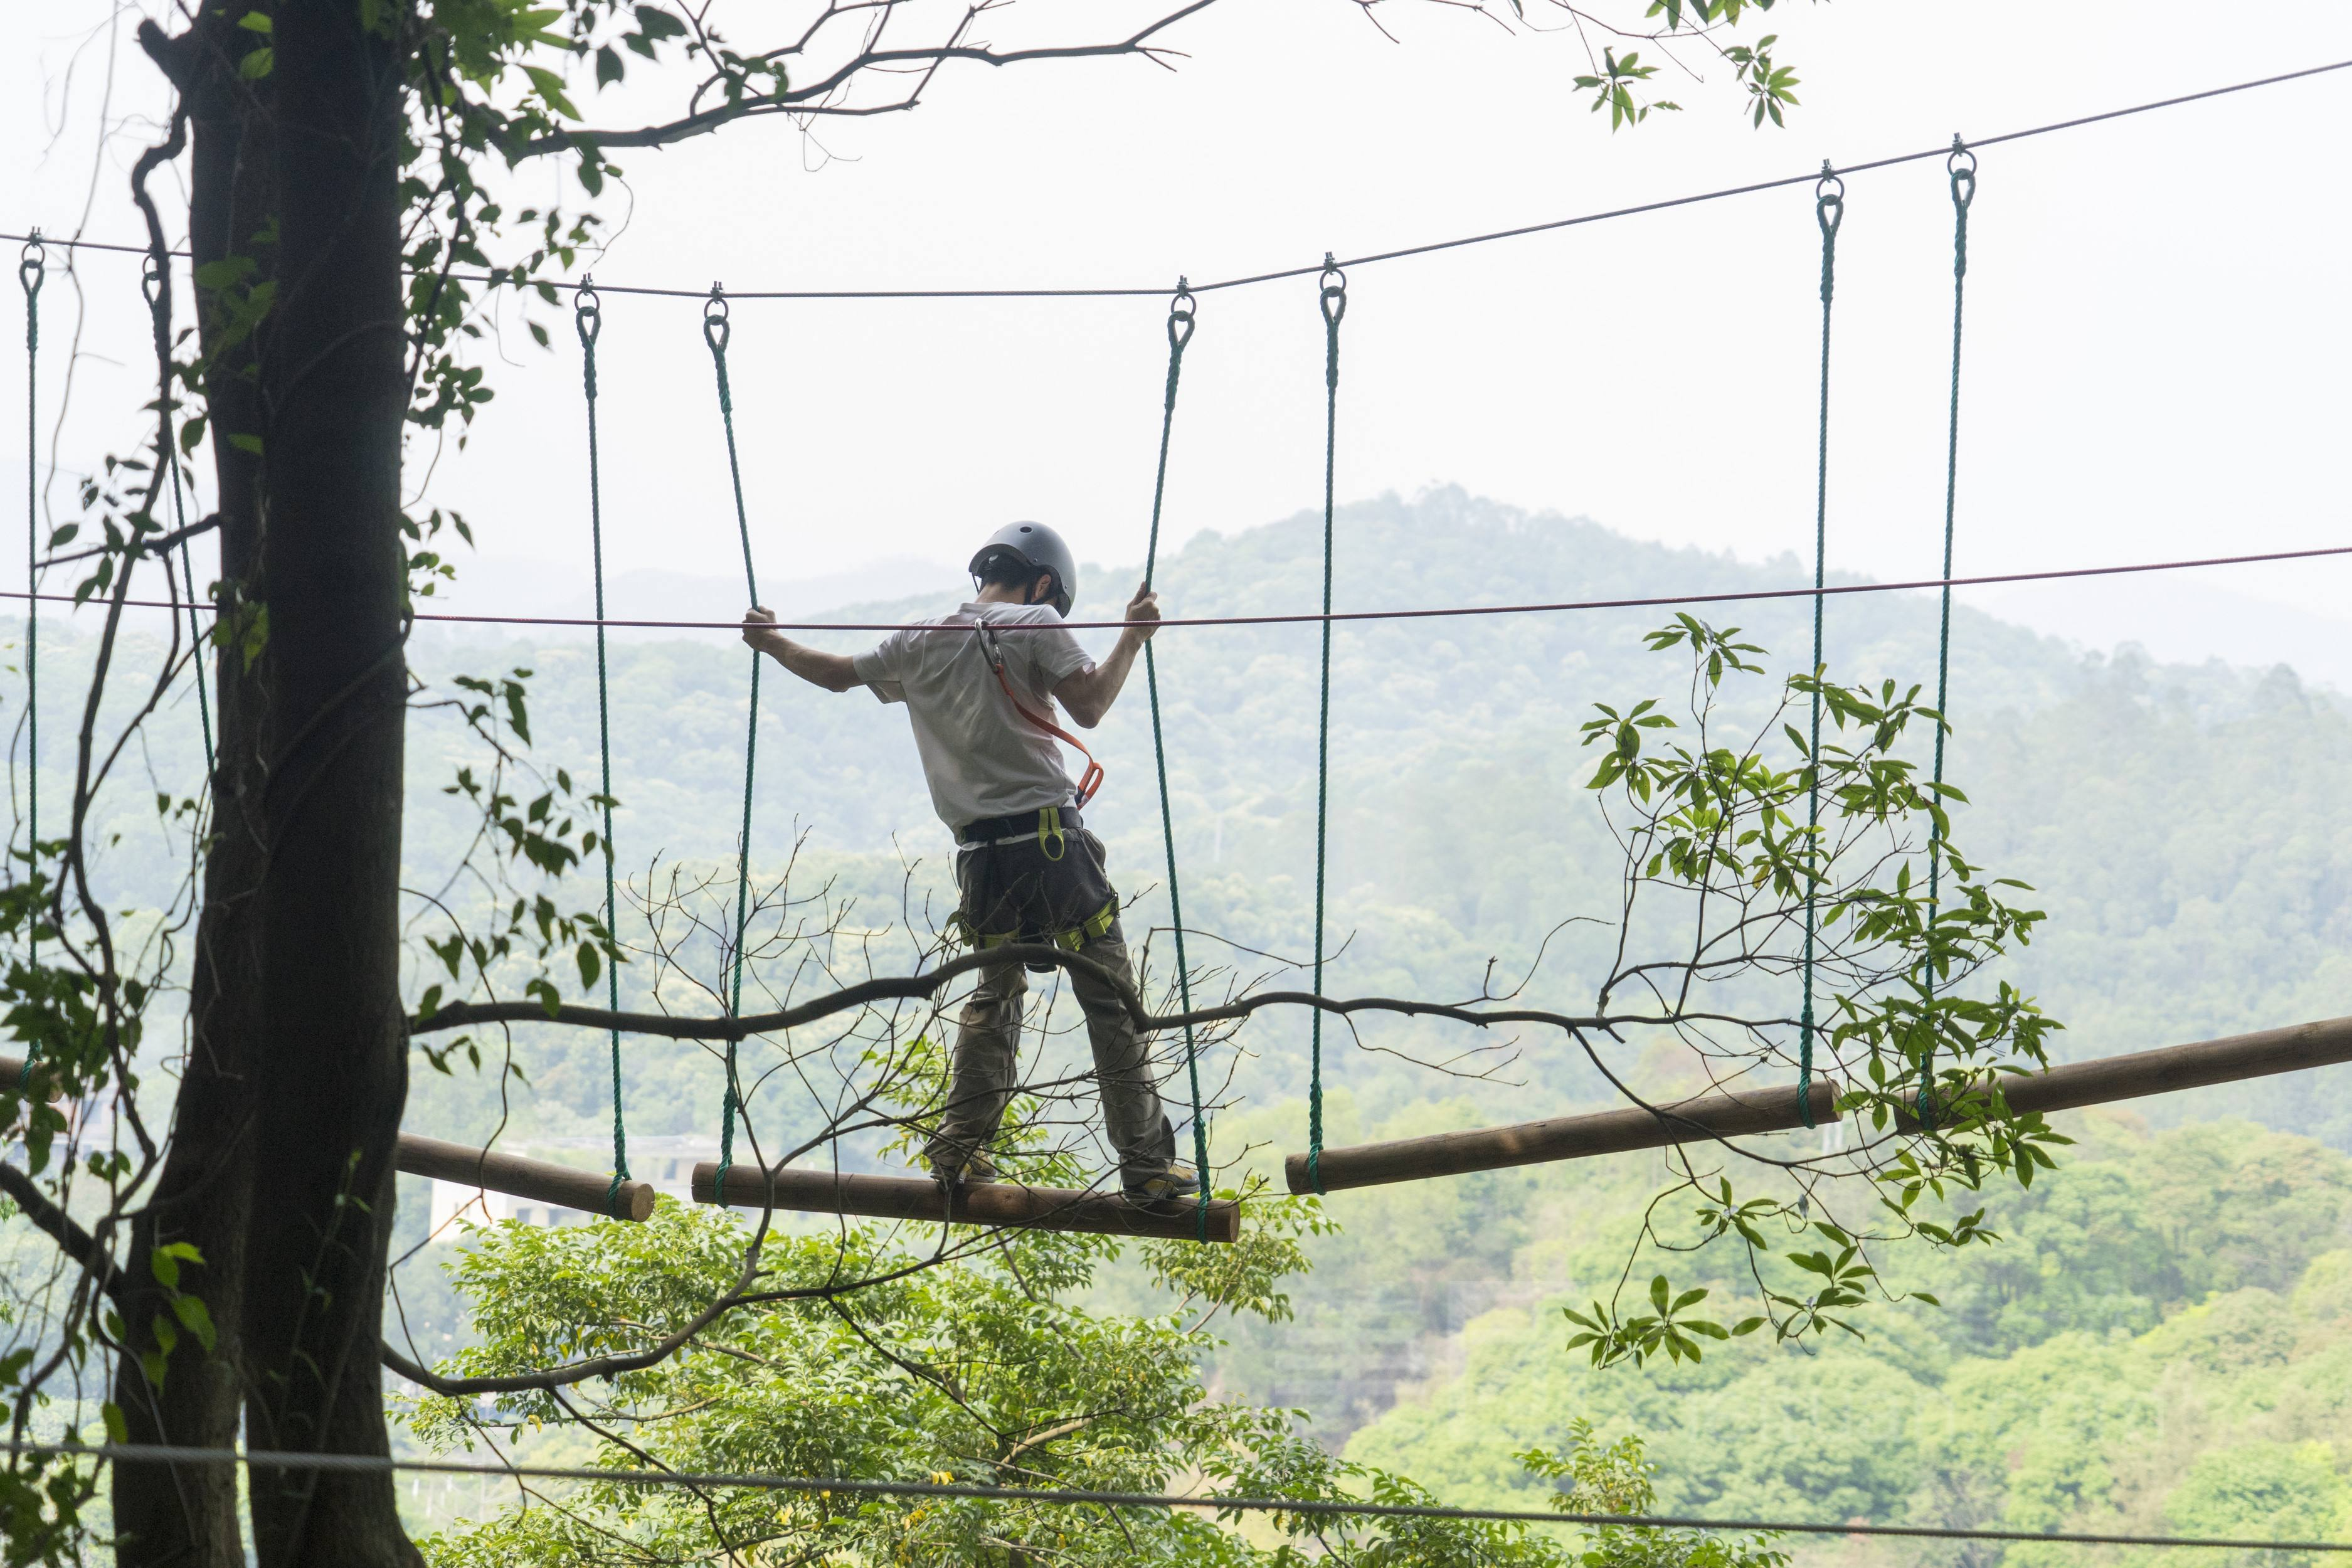 飞越丛林探险乐园攻略,广州飞越丛林探险乐园好玩吗